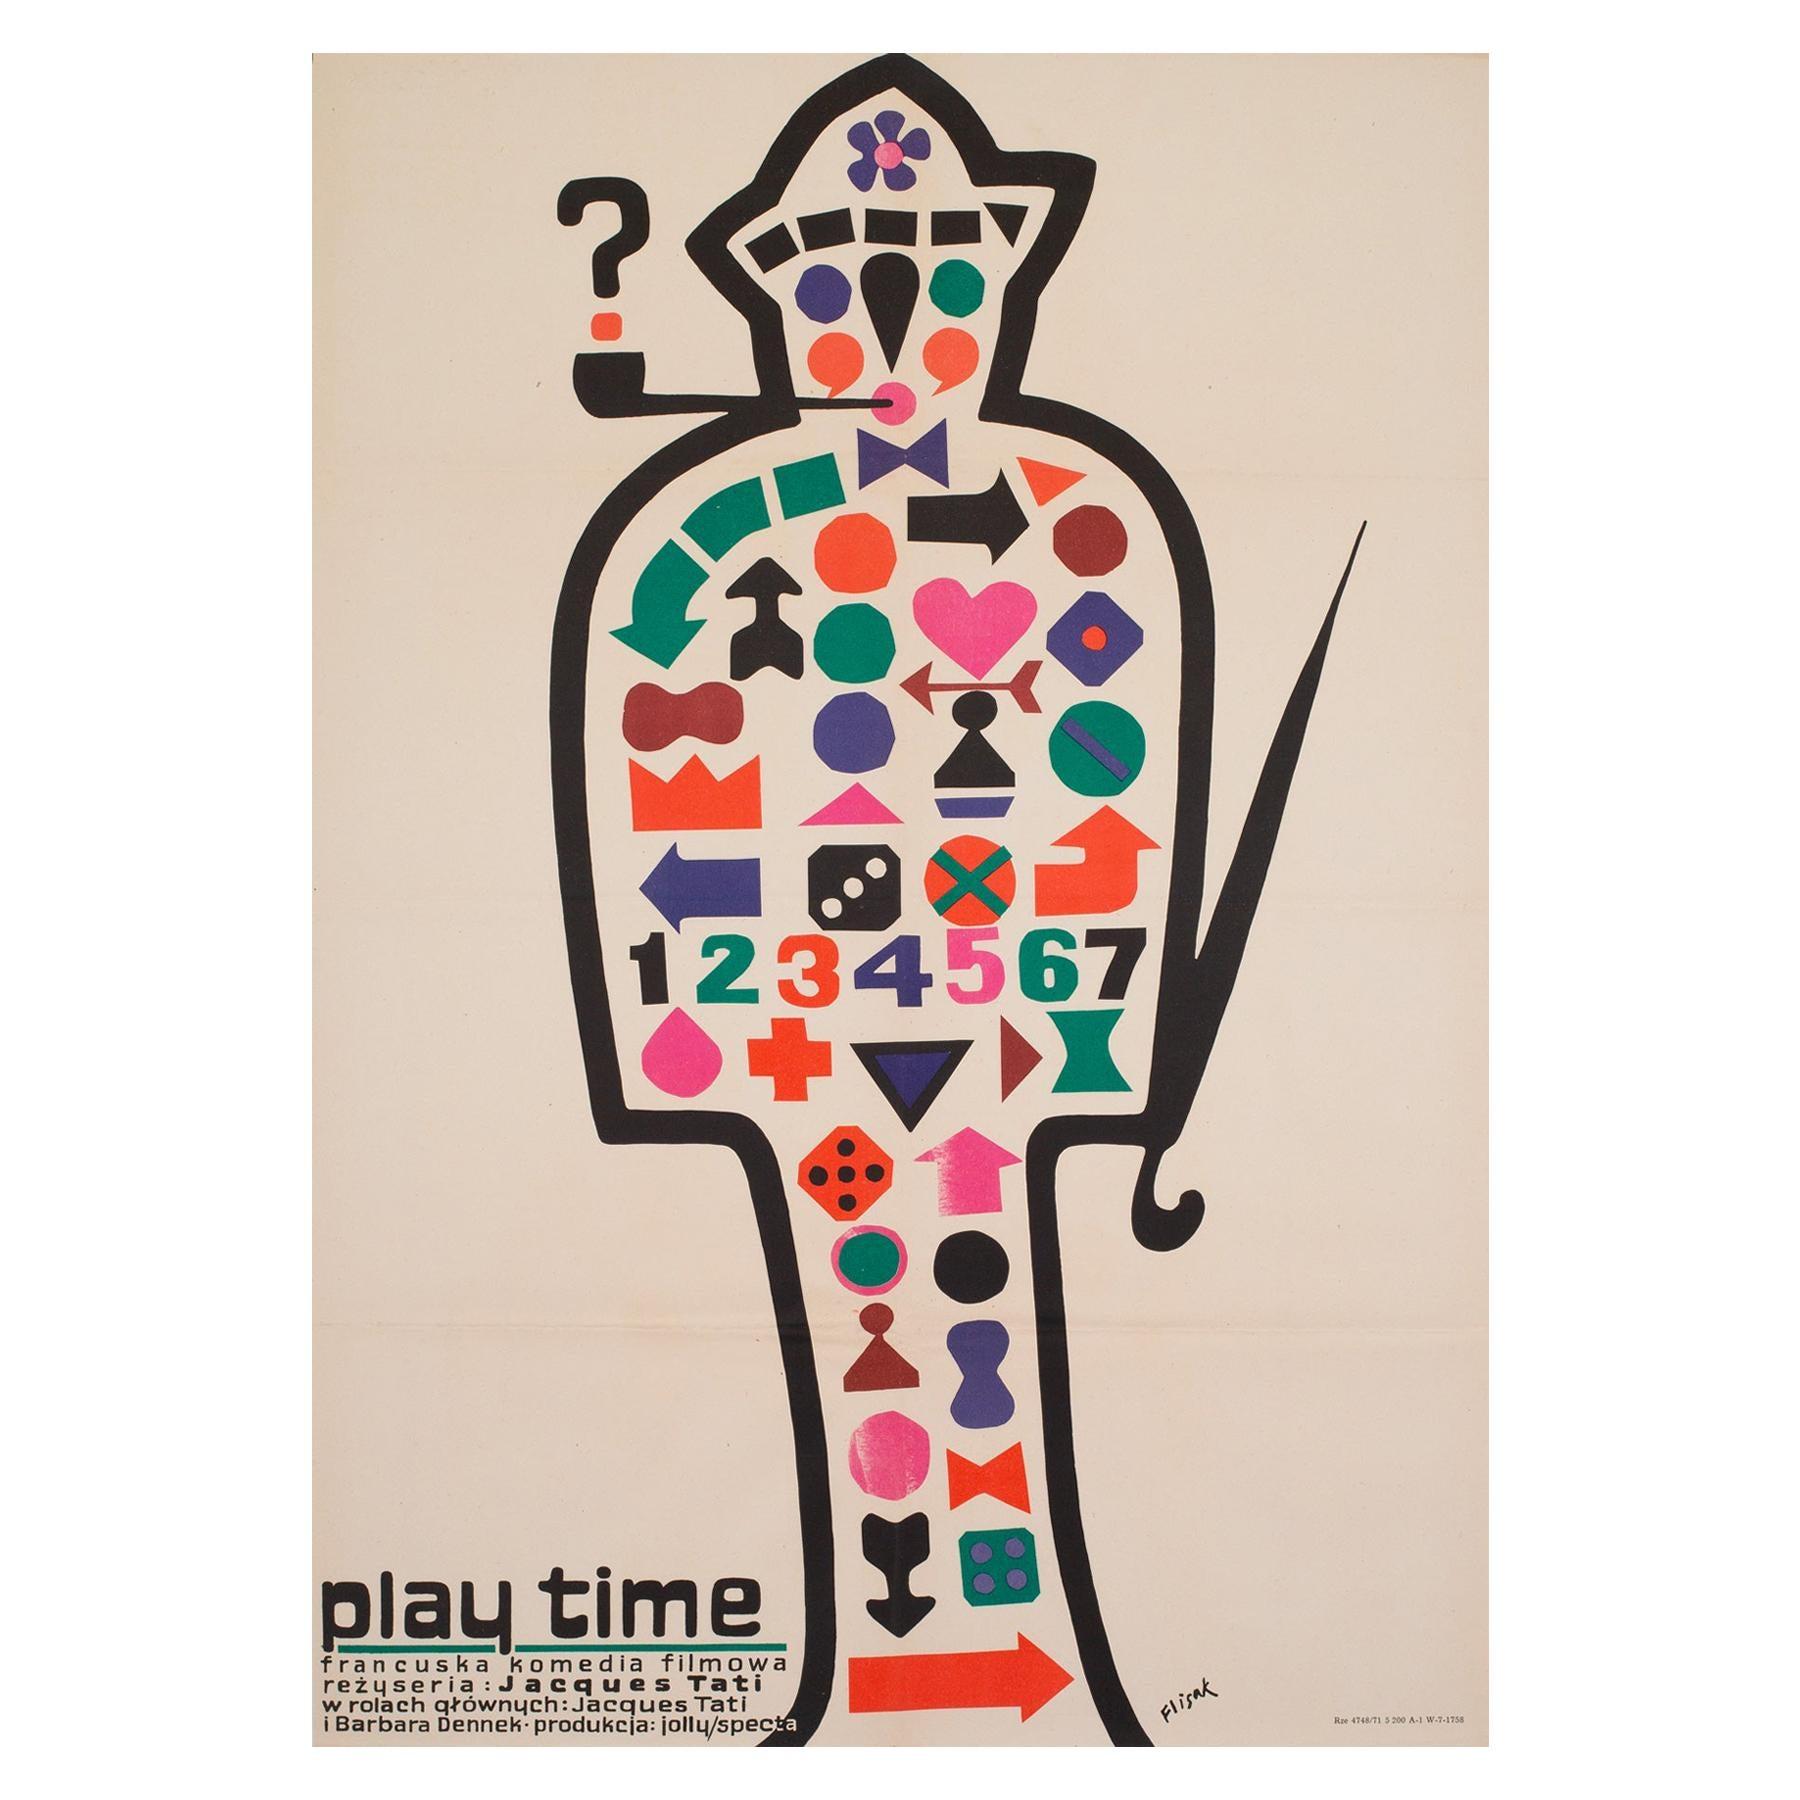 Playtime 1971 Polish A1 Film Movie Poster, Flisak